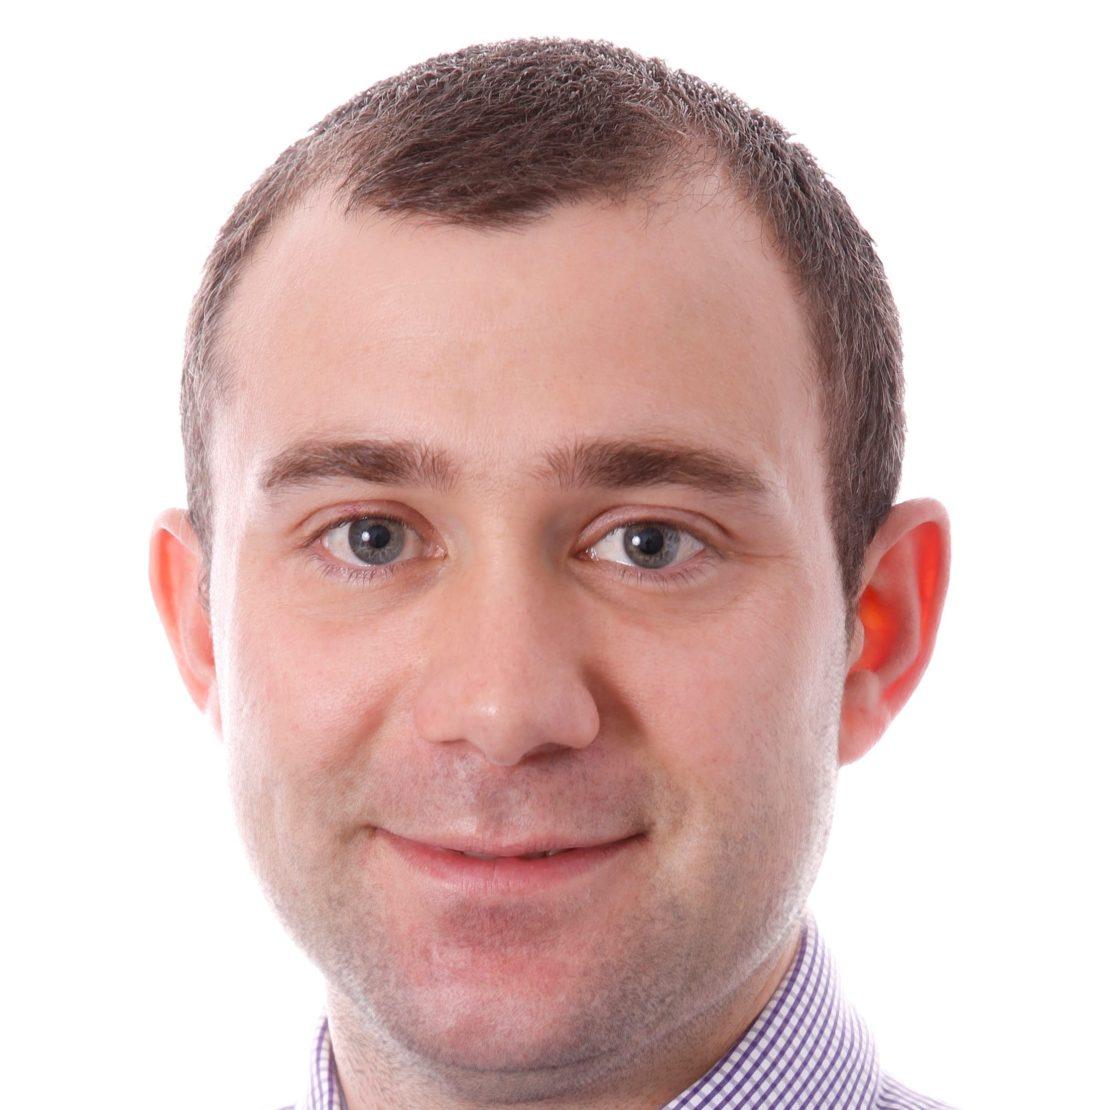 Matthew Malone, DPM, PhD